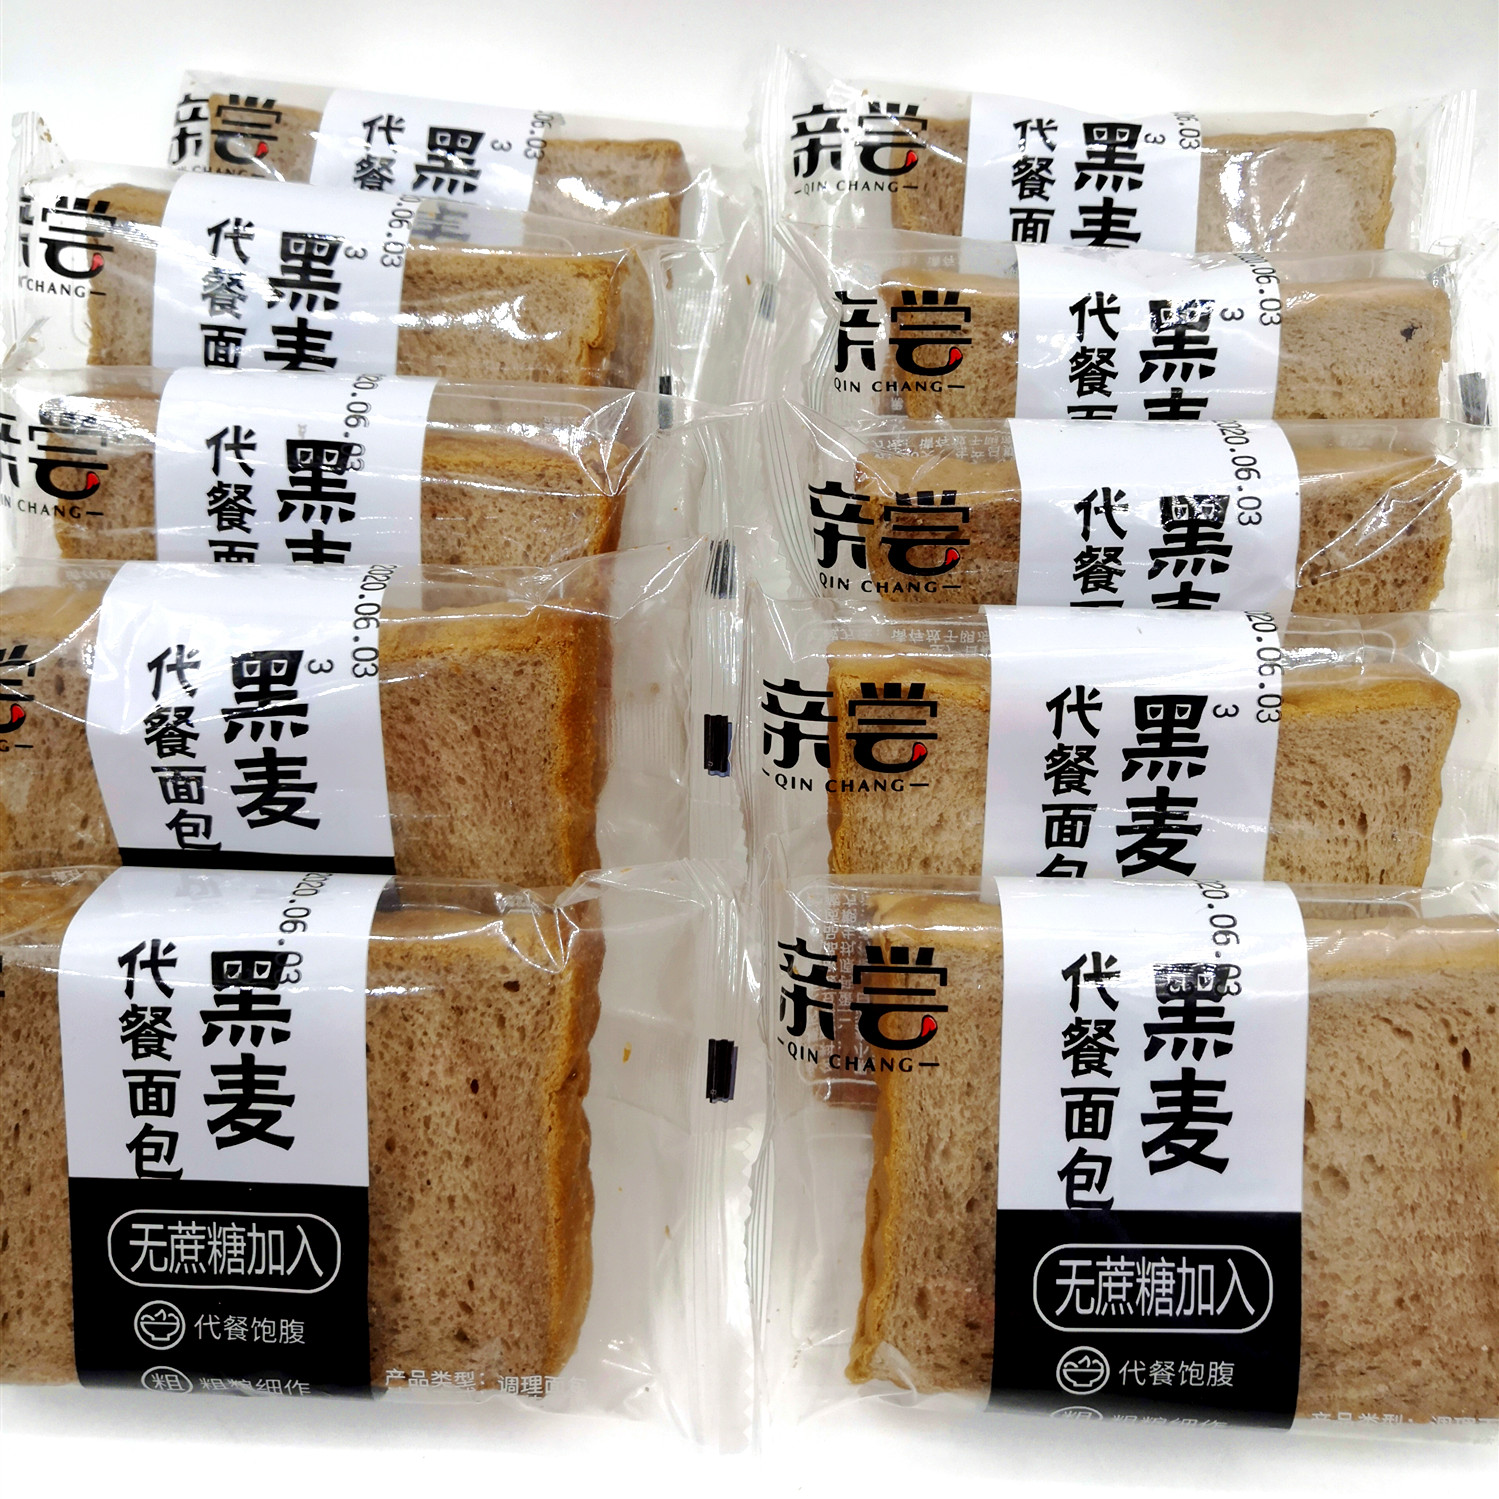 网红亲尝无添加0蔗糖黑麦全片面包